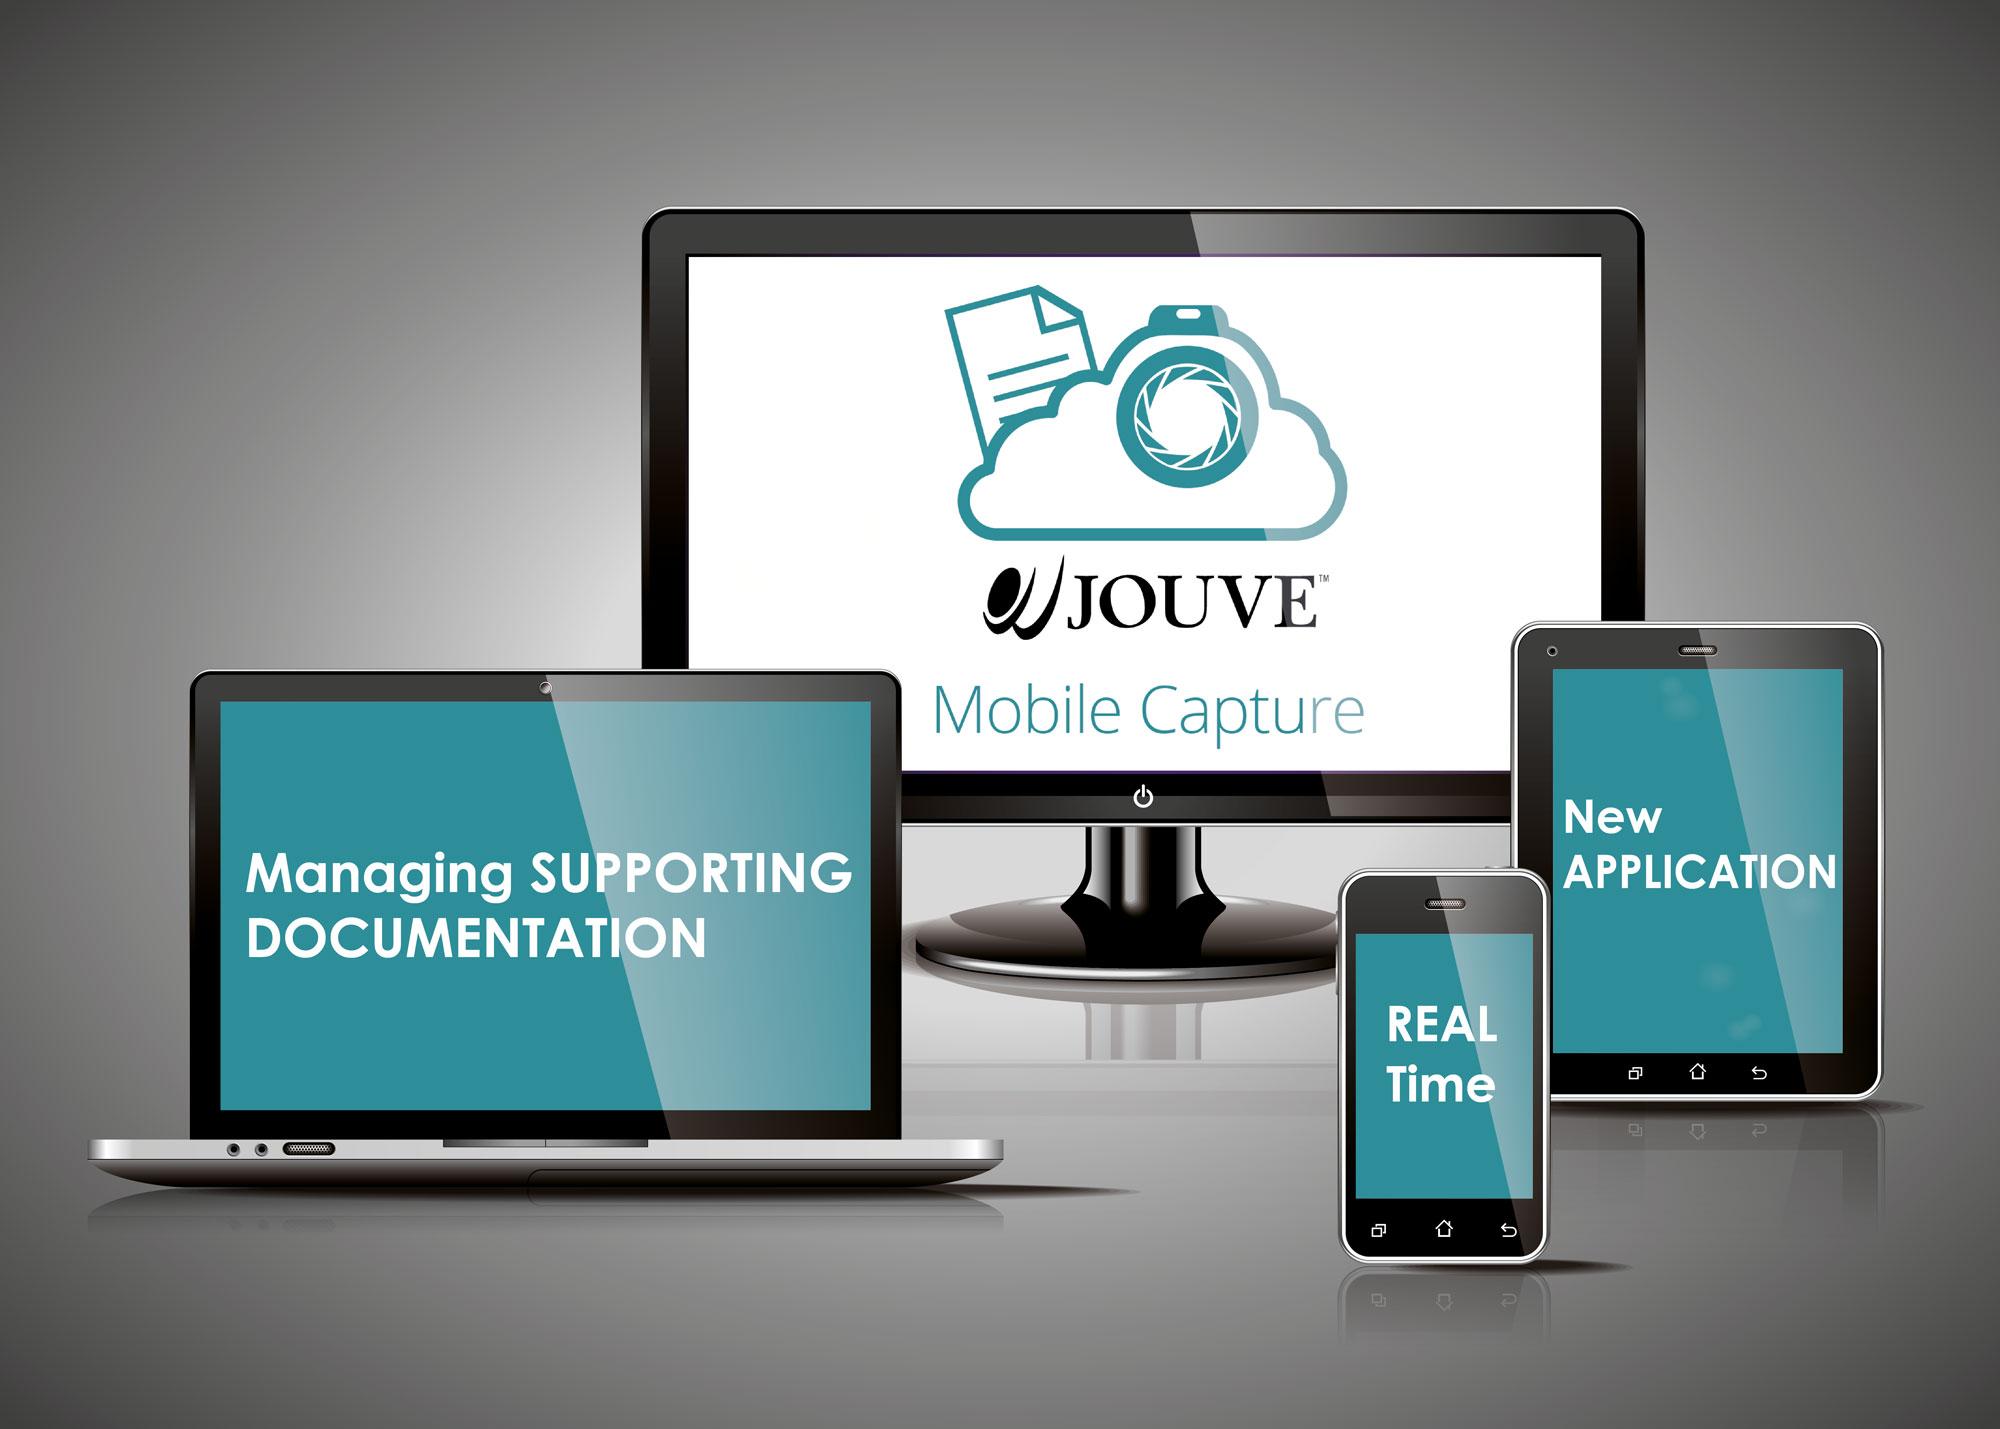 mobile-capture Jouve propose une solution pour l'après SMS-OTP